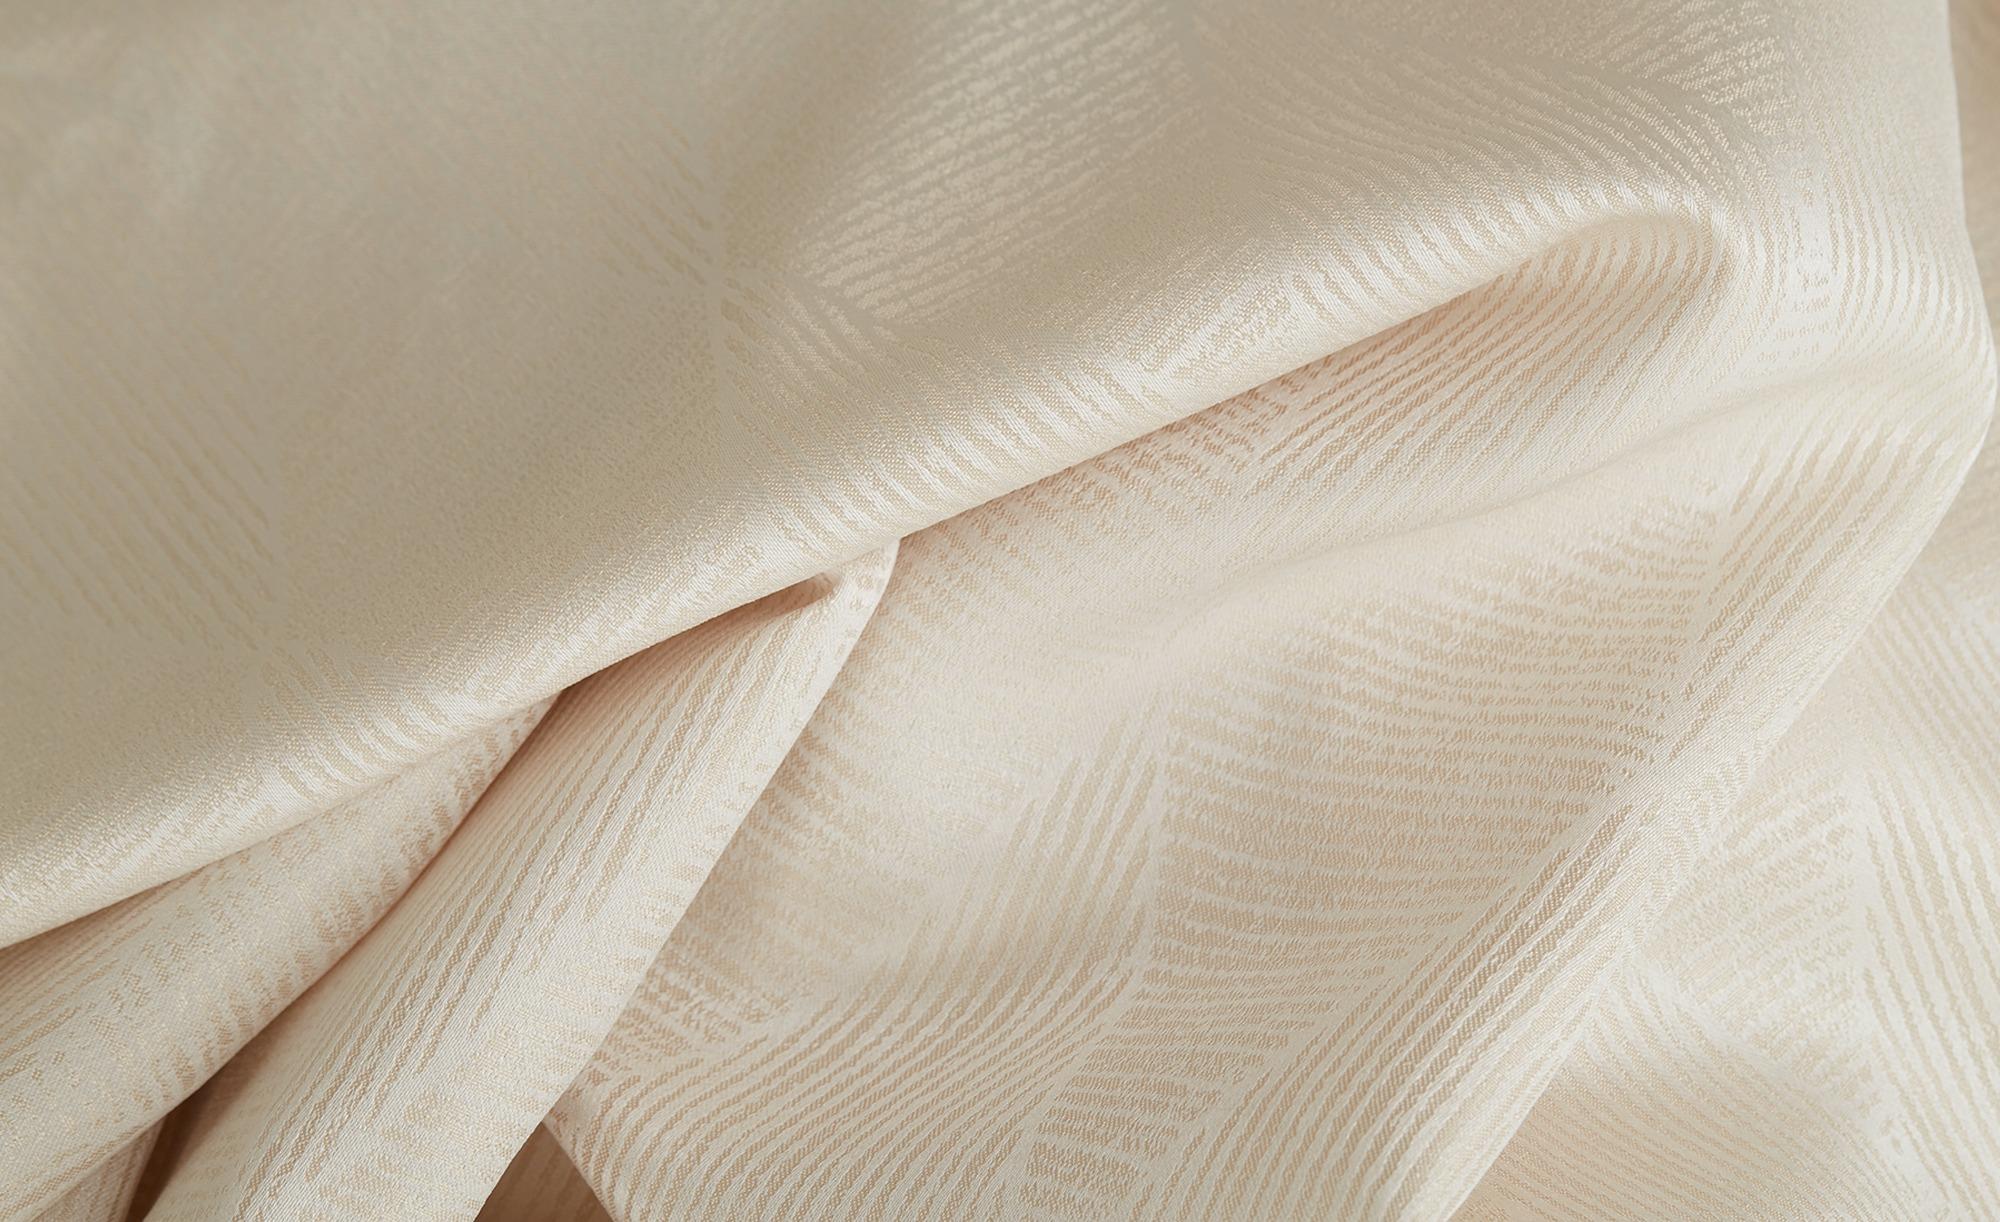 como Ösenschal  Saskia ¦ beige ¦ 100% Polyester ¦ Maße (cm): B: 140 H: 245 Gardinen & Vorhänge > Gardinen & Fertigstore > Ösenschals - Höffner